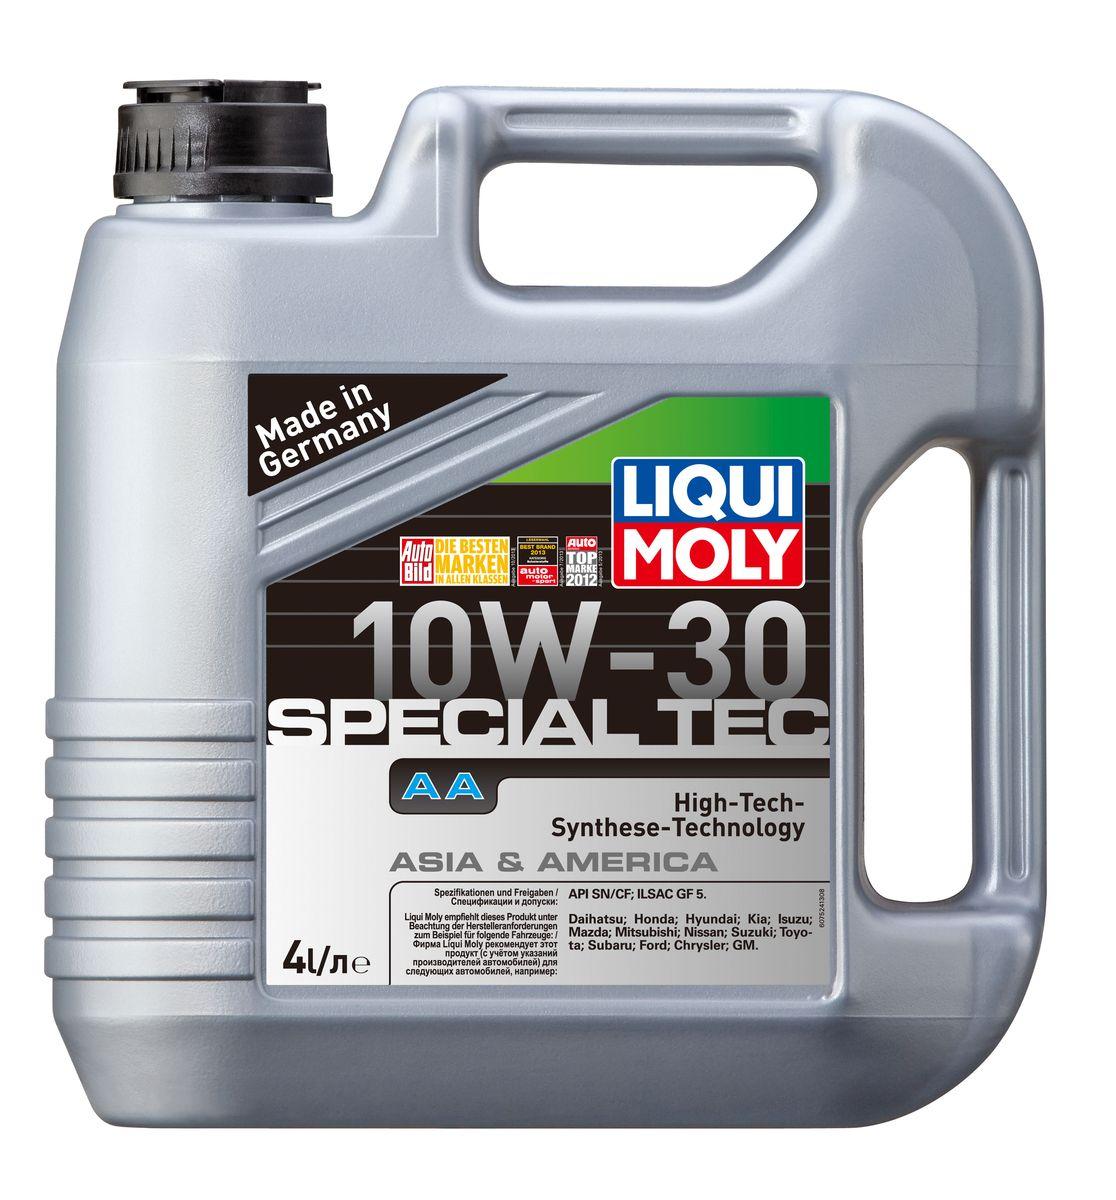 Масло моторное Liqui Moly Special Tec AA, НС-синтетическое, 10W-30, 4 л7524Масло моторное Liqui Moly Special Tec AA рекомендуется для автомобилей Honda, Mazda, Mitsubishi, Nissan, Daihatsu, Hyundai, Kia, Isuzu, Suzuki, Toyota, Subaru, Ford, Chrysler, GM. Современное HC-синтетическое энергосберегающее моторное масло специально предназначено для всесезонного использования в большинстве двигателей современных американских и азиатских бензиновых автомобилей. Также подходит для двигателей предыдущих поколений автомобилей. Базовые масла, полученные по технологии синтеза, и новейшие присадки составляют рецептуру моторного масла с отменной защитой от износа, снижающего расход топлива и масла, обеспечивающего чистоту двигателя. Особенности: - Высочайшие показатели топливной экономии- Сокращает эмиссию выхлопных газов- Отличная чистота двигателя- Совместимо с новейшими системами нейтрализации отработавших газов бензиновых двигателей- Высокая защита от износа и надежность смазывания- Очень низкие потери масла на испарениеМоторное масло Special Tec АА 10W-30 соответствует специальным требованиям азиатских и американских производителей, поэтому его использование позволяет сохранить все гарантийные условия при прохождении ТО соответствующих автомобилей. Допуск: - API: SN/SF- ILSAC: GF-5